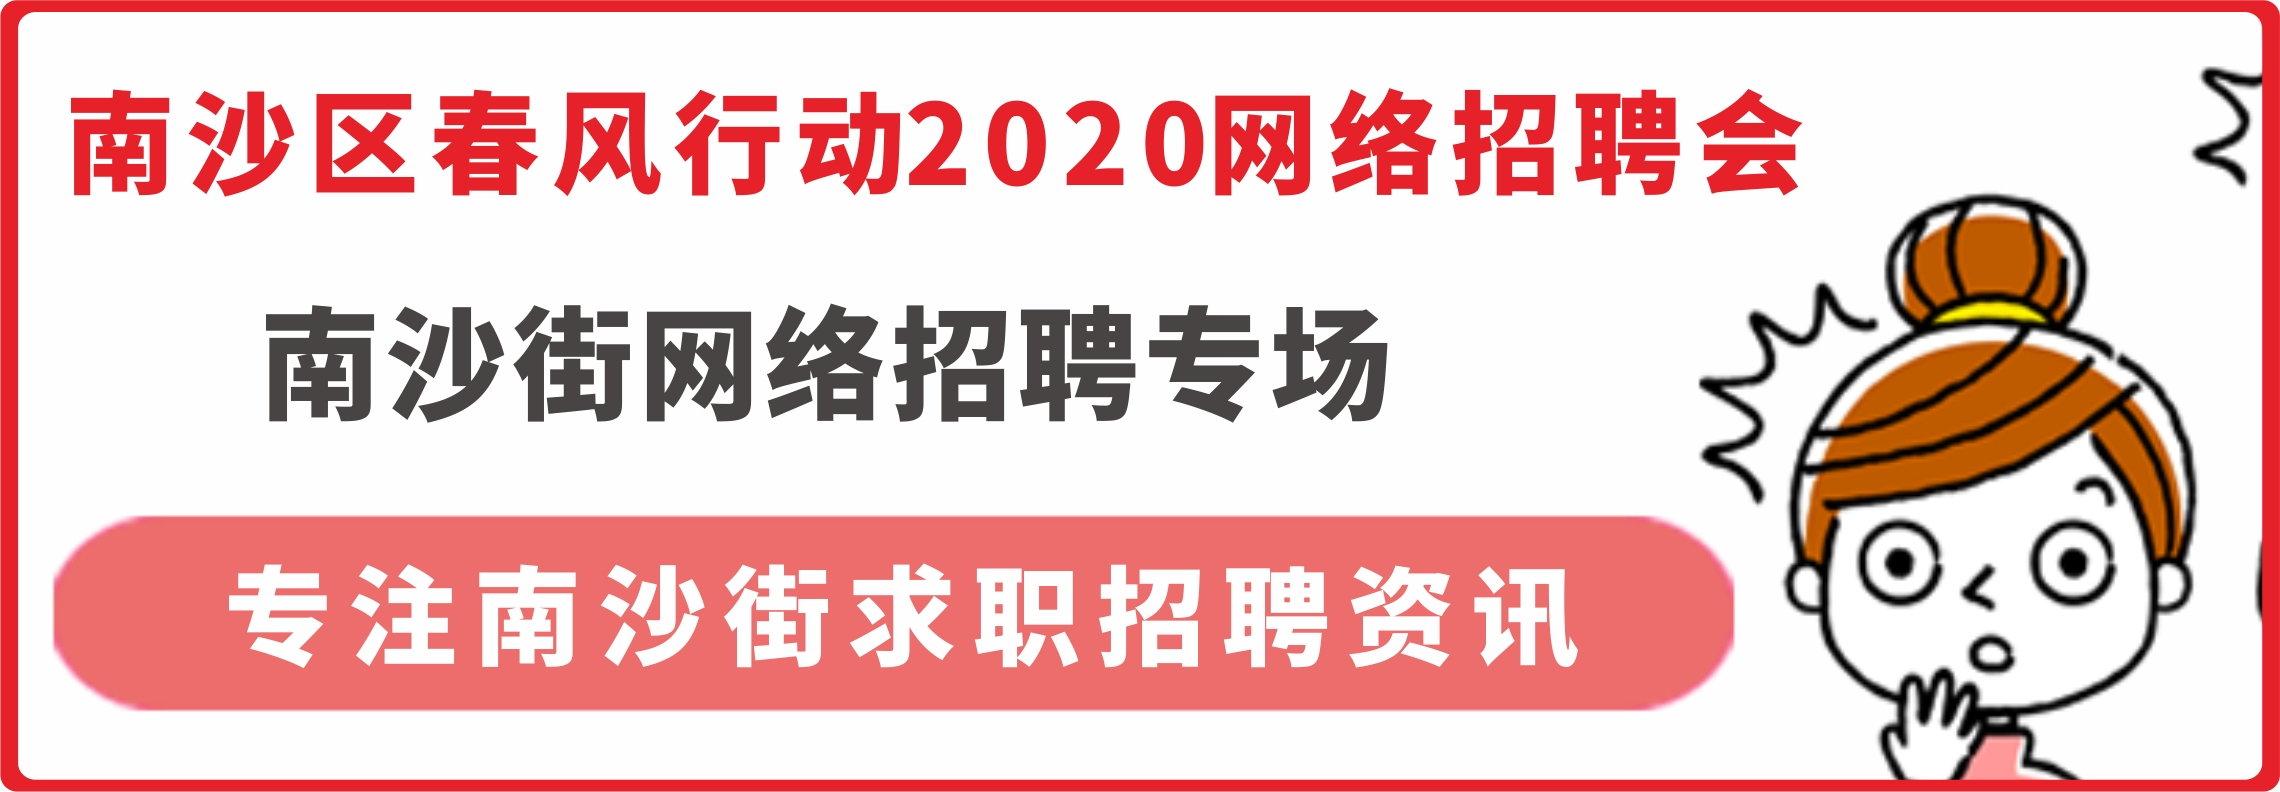 """南沙区""""春风行动2020""""网络招聘会 【南沙街专场招聘】"""